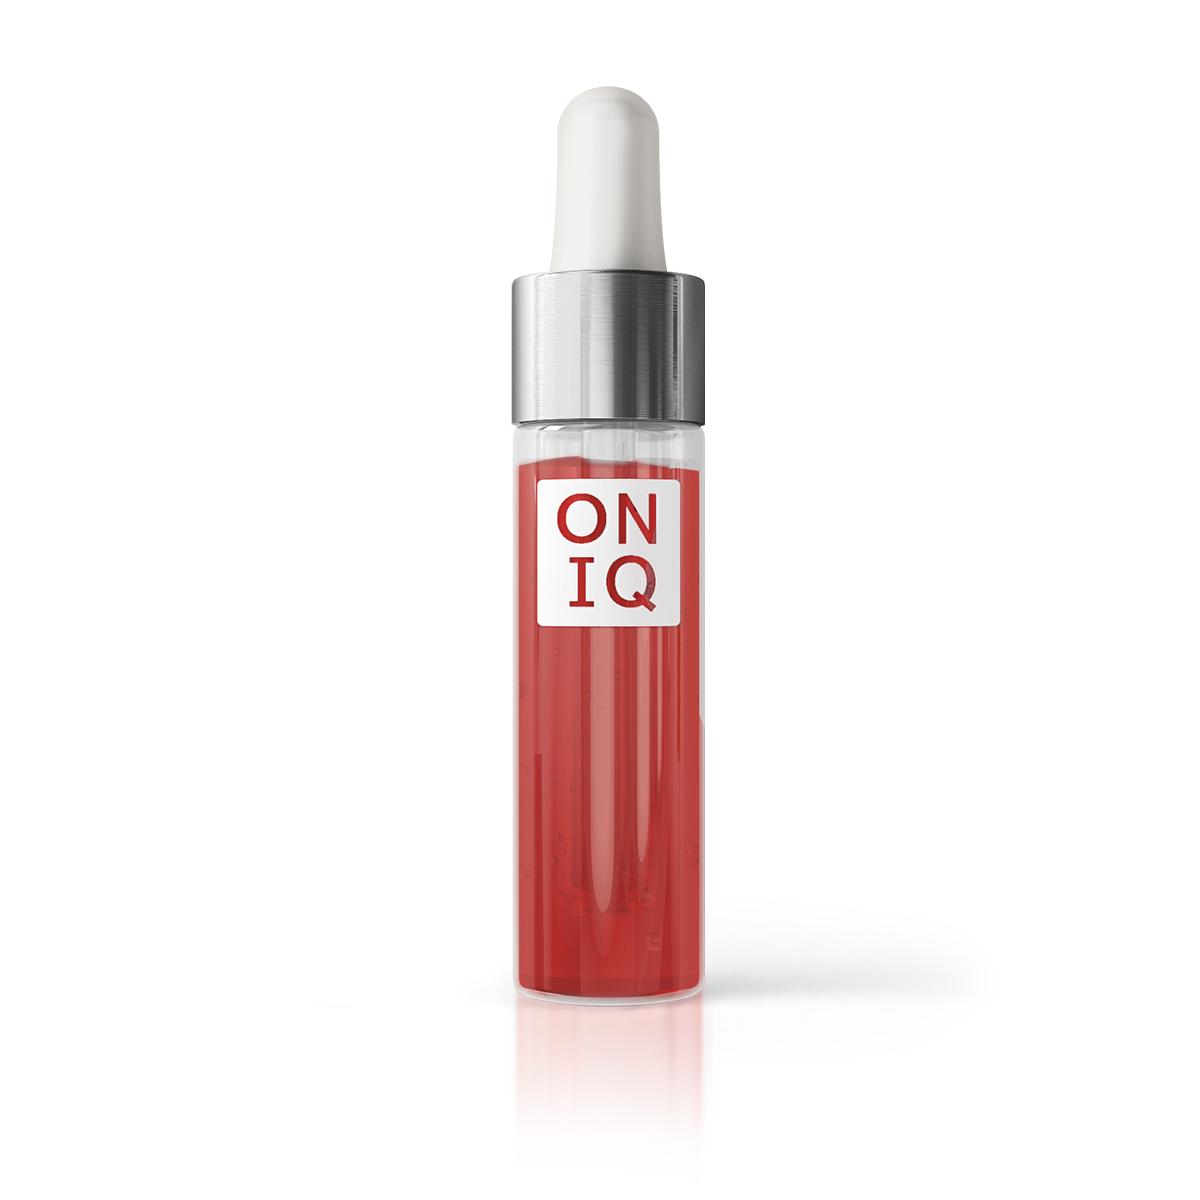 ONIQ Гель для кутикулы с ароматом восточного лета 15 мл